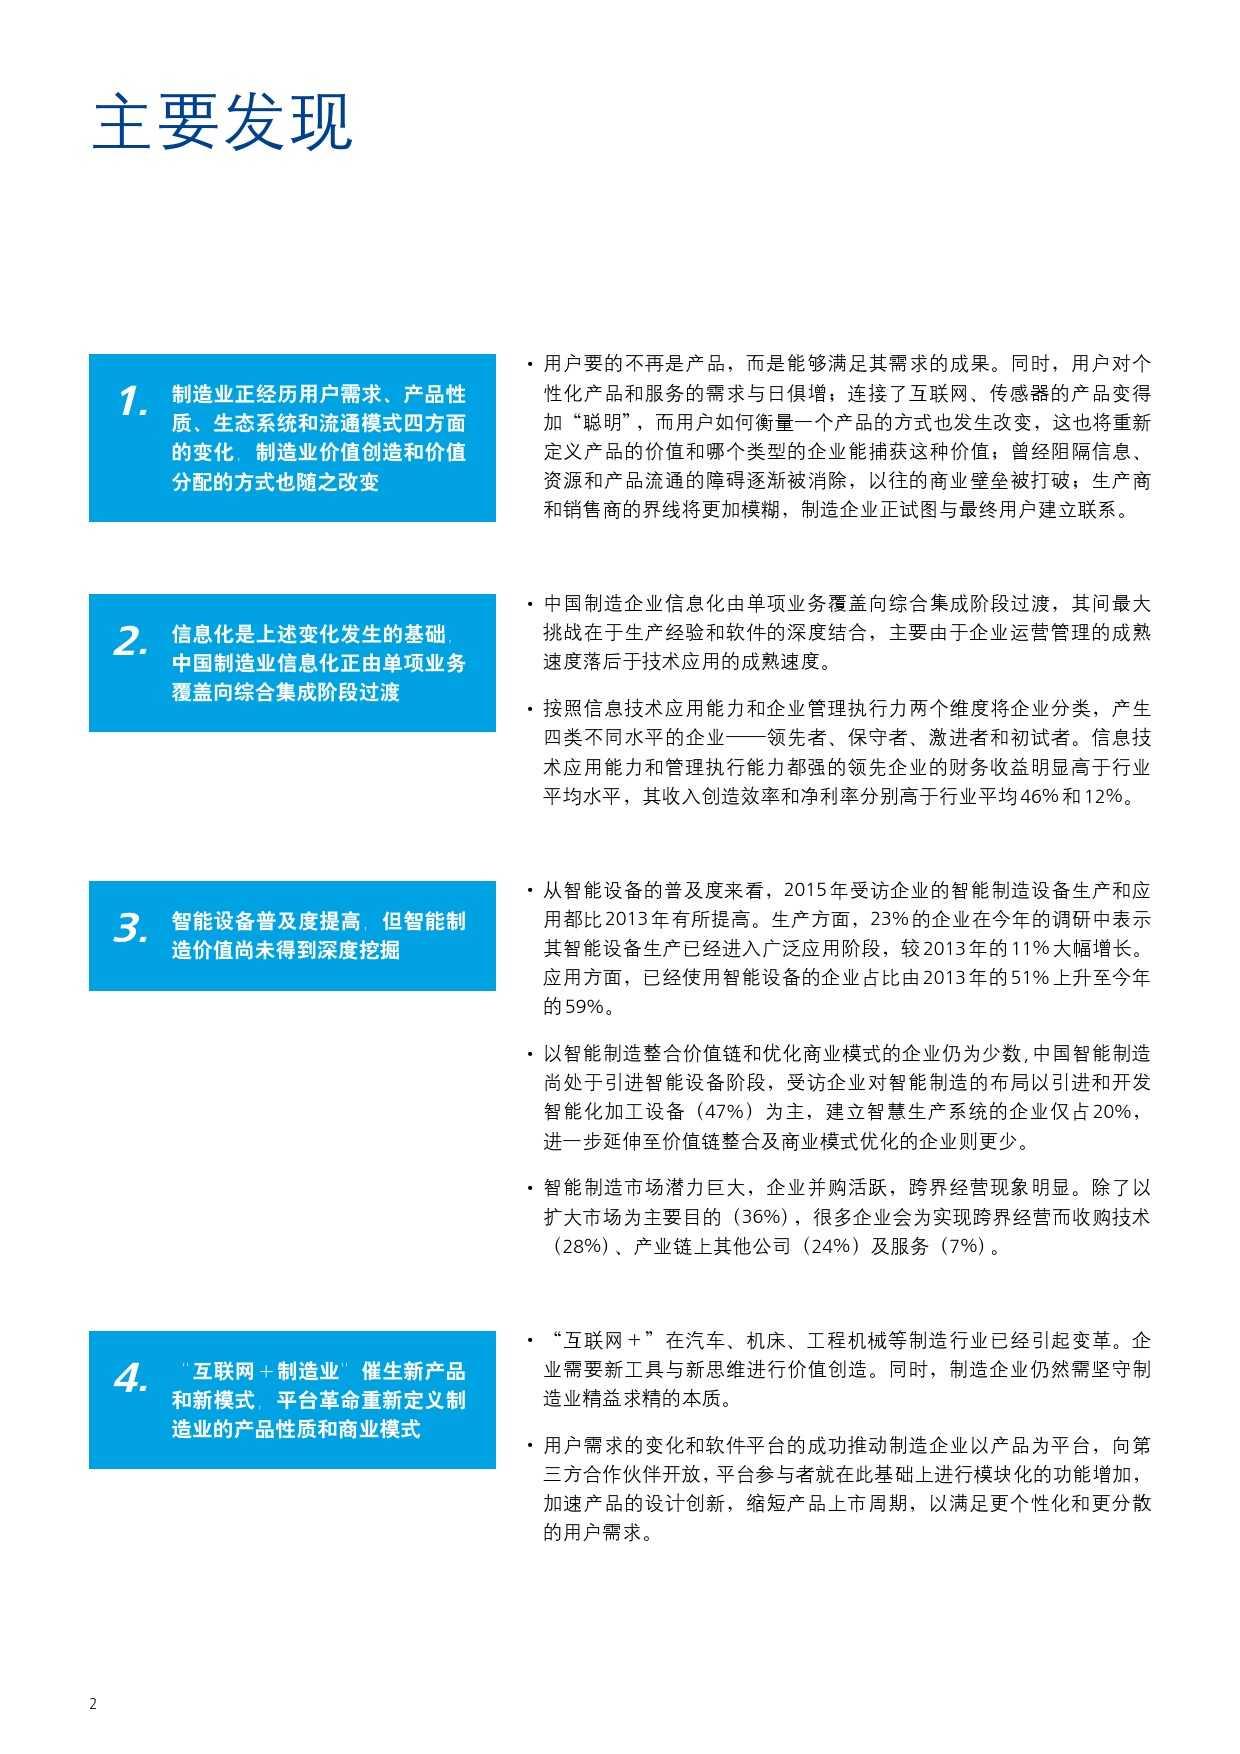 2015年中国制造业企业信息化调查_000004